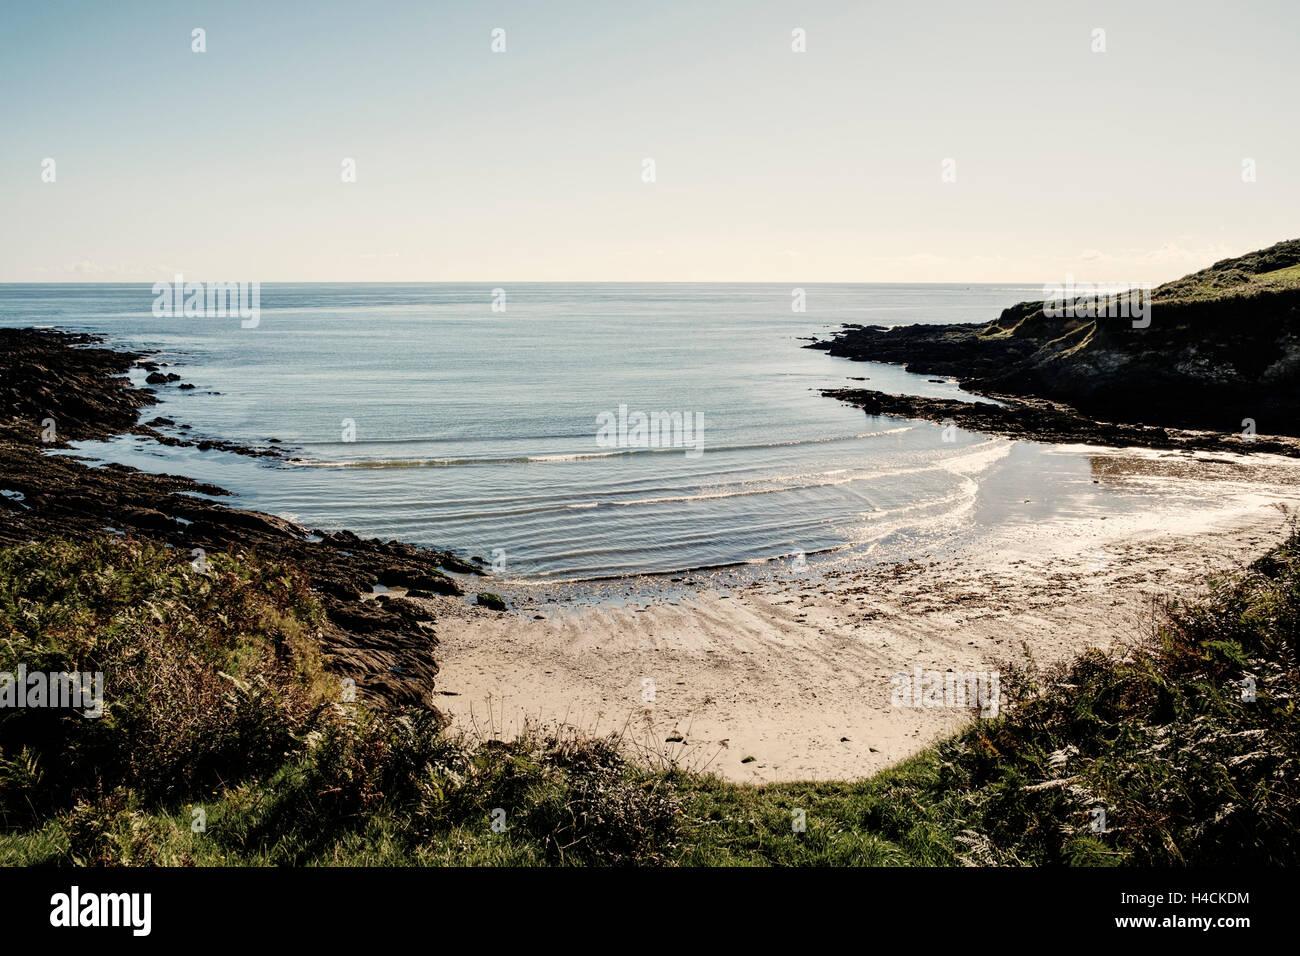 Cornwall playas - playa y la ensenada y el mar en calma, Cornwall, Inglaterra, Reino Unido. Imagen De Stock